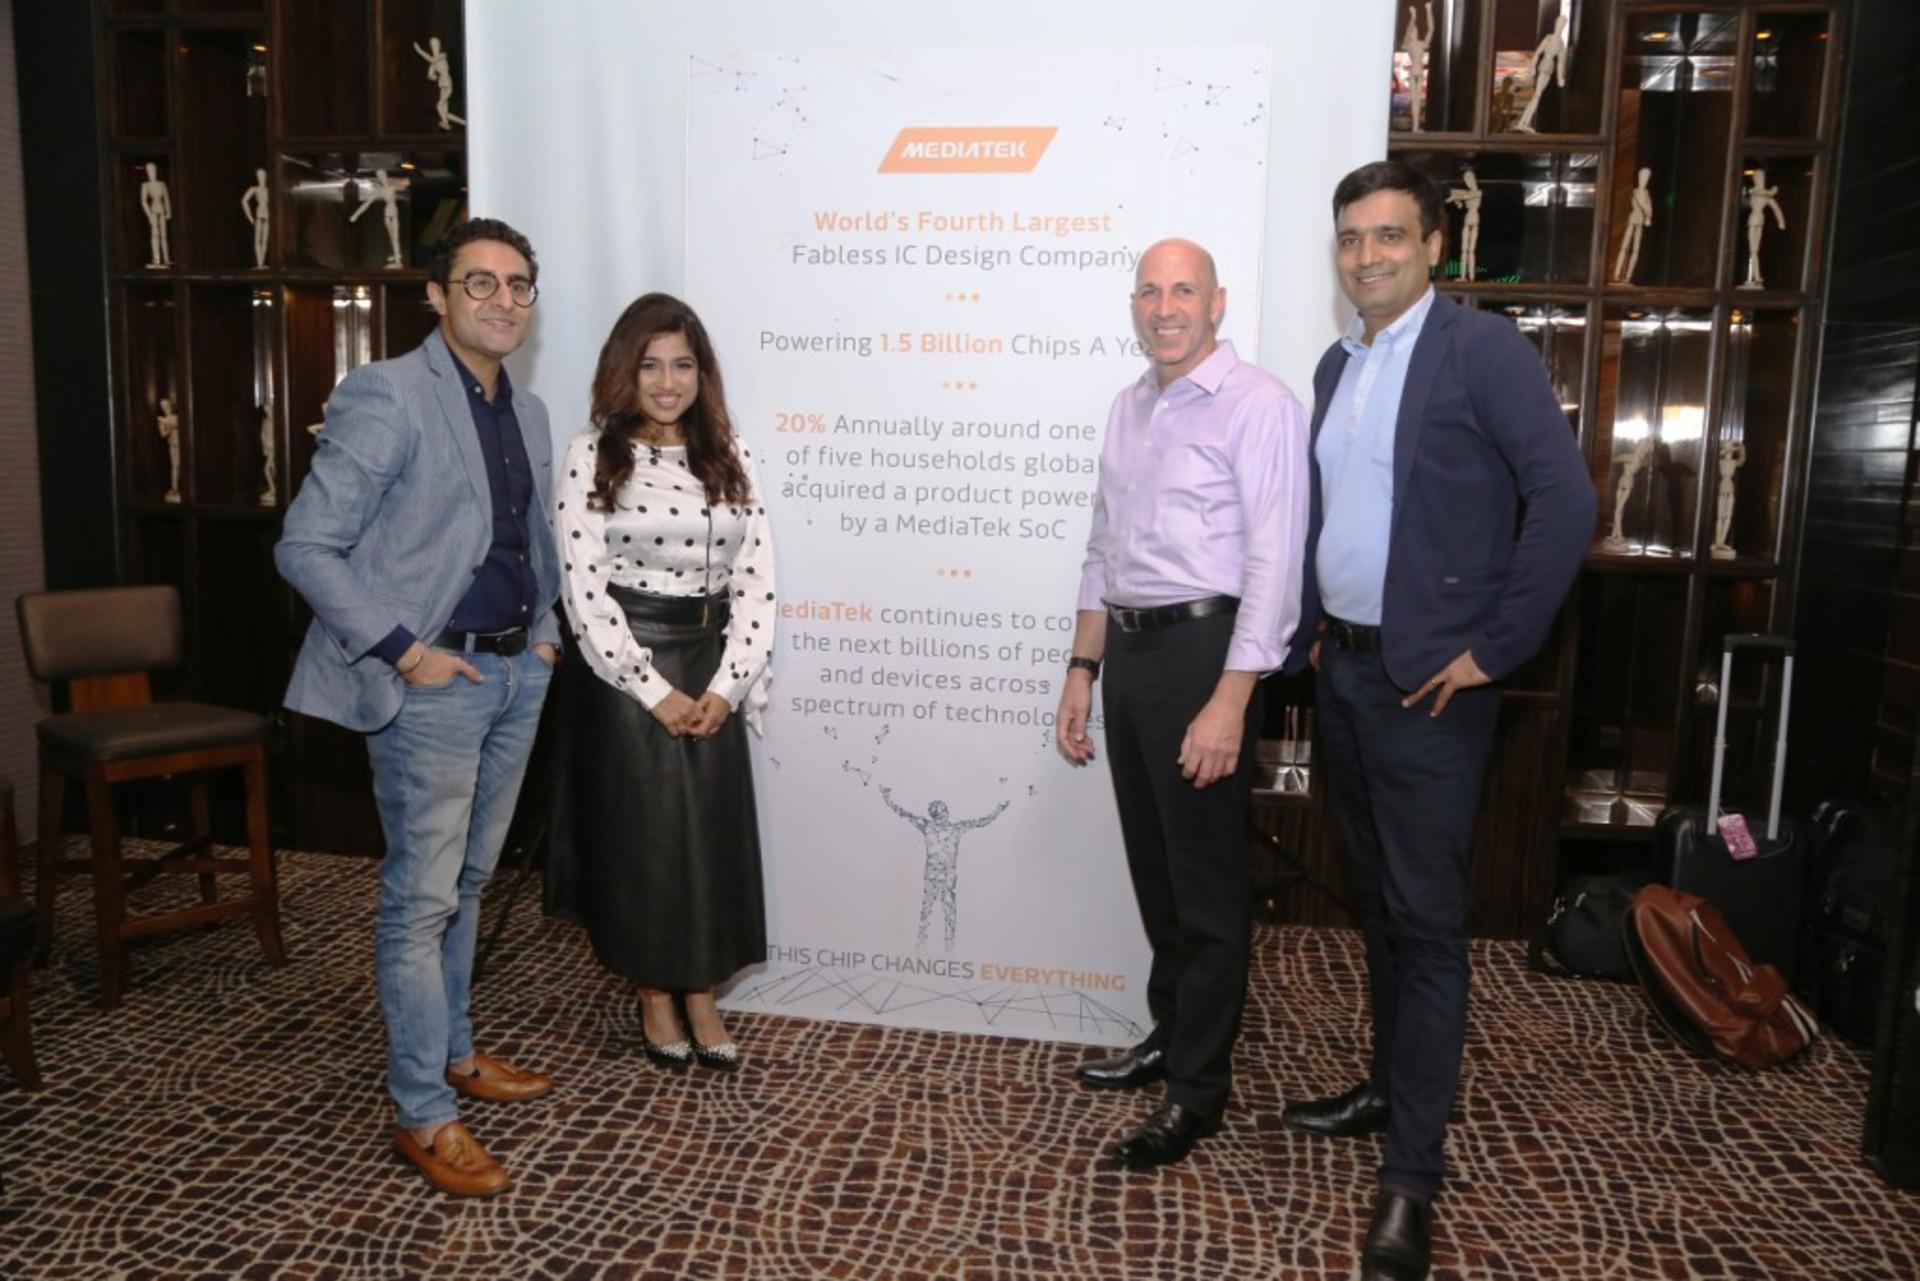 itsmonishamehta - Technology Diaries' Mumbai Chapter-2 (2)